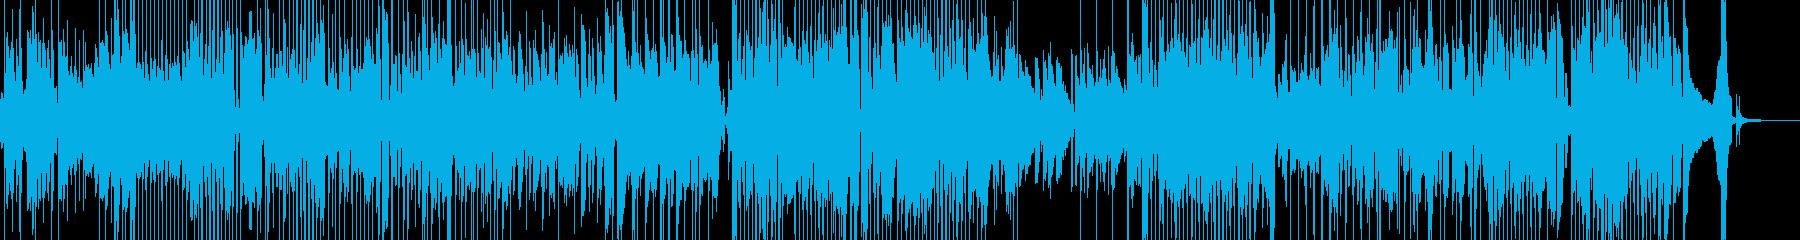 前向きで明るい気持ちになるジャズ 短尺★の再生済みの波形